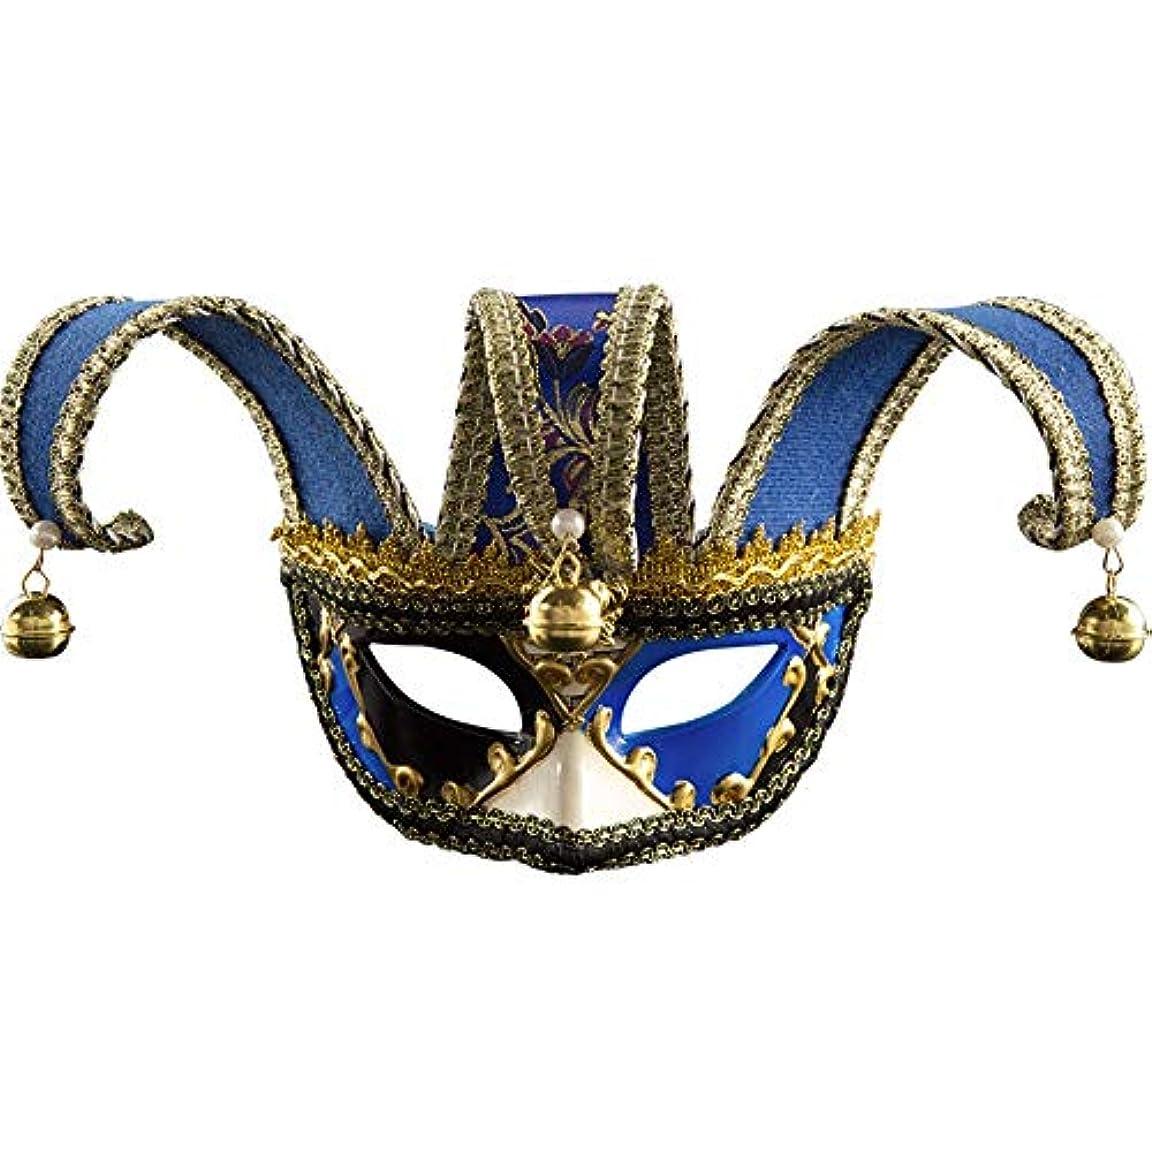 発言するズーム不屈ダンスマスク ナイトクラブ音楽カーニバルマスク雰囲気クリスマスフェスティバルプラスチックマスクイブニングパーティーボール ホリデーパーティー用品 (色 : 青, サイズ : 16.5x29cm)